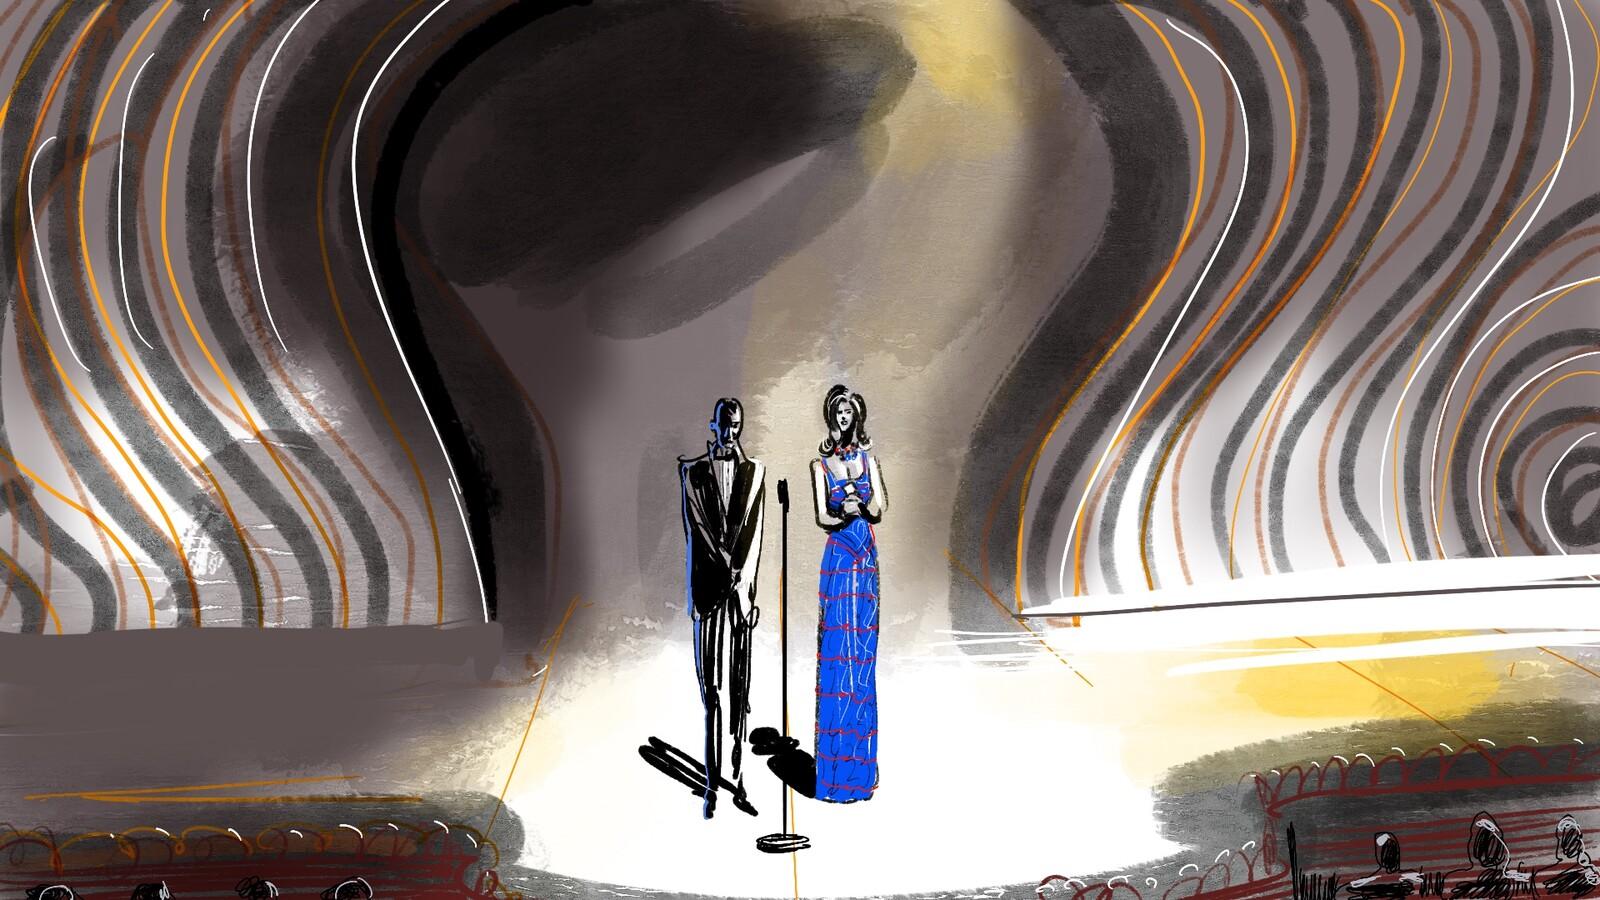 The Oscars frame 4